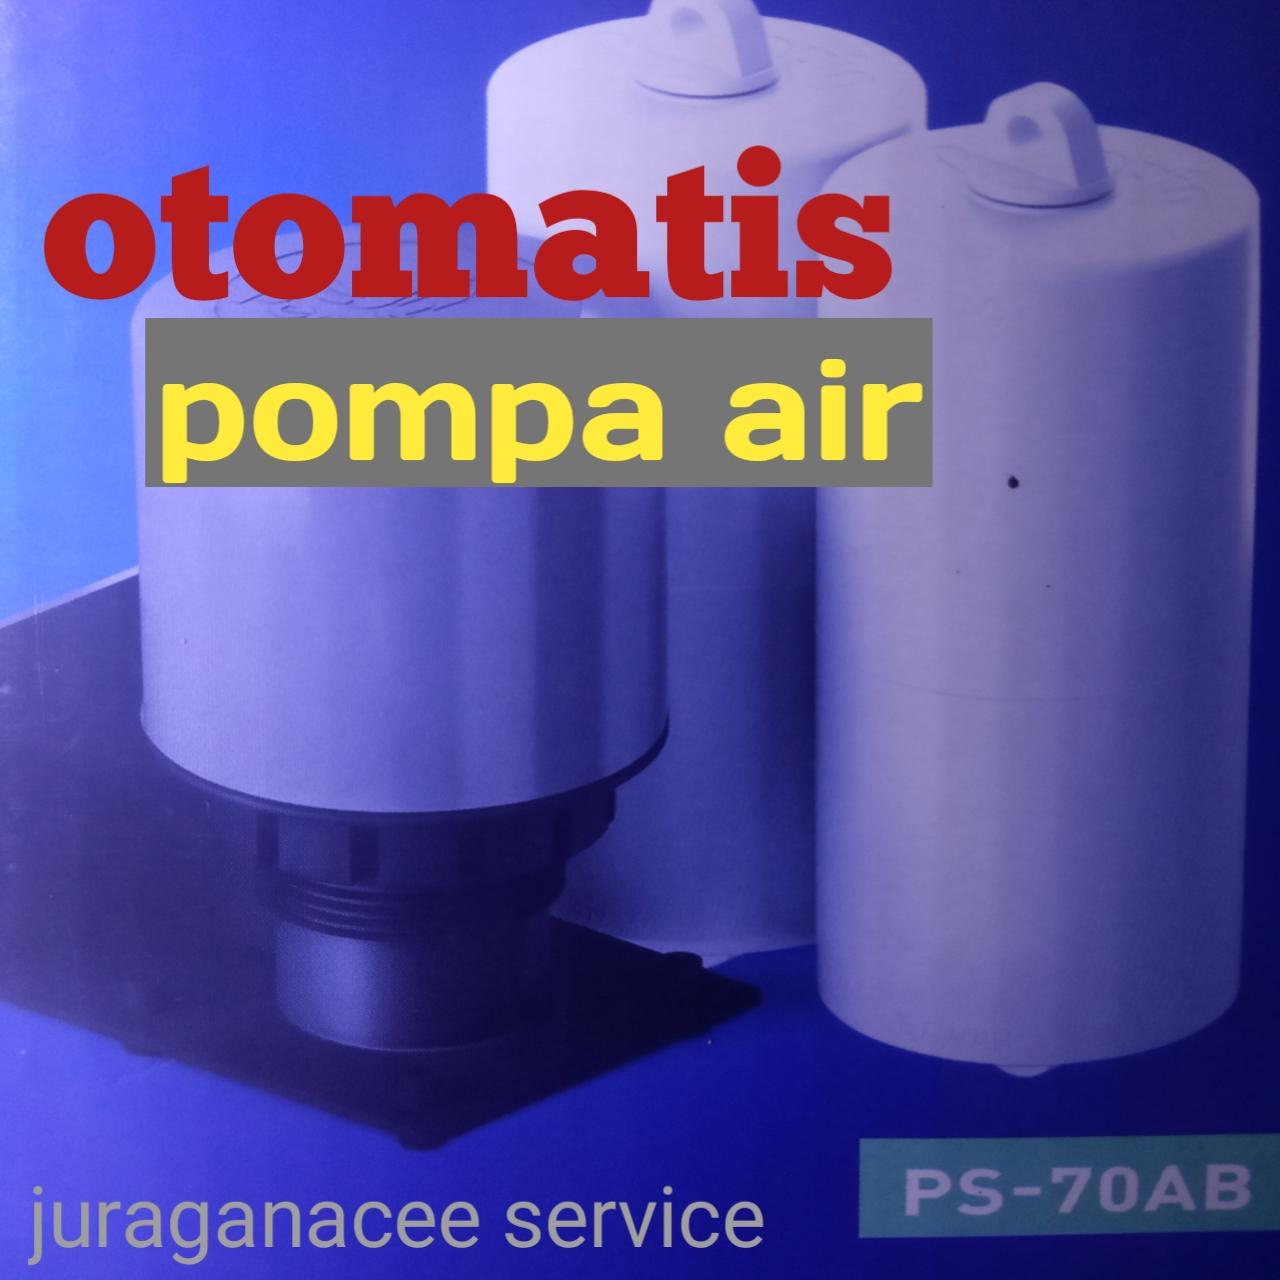 Otomatis Pompa Air Rusak Juraganacee